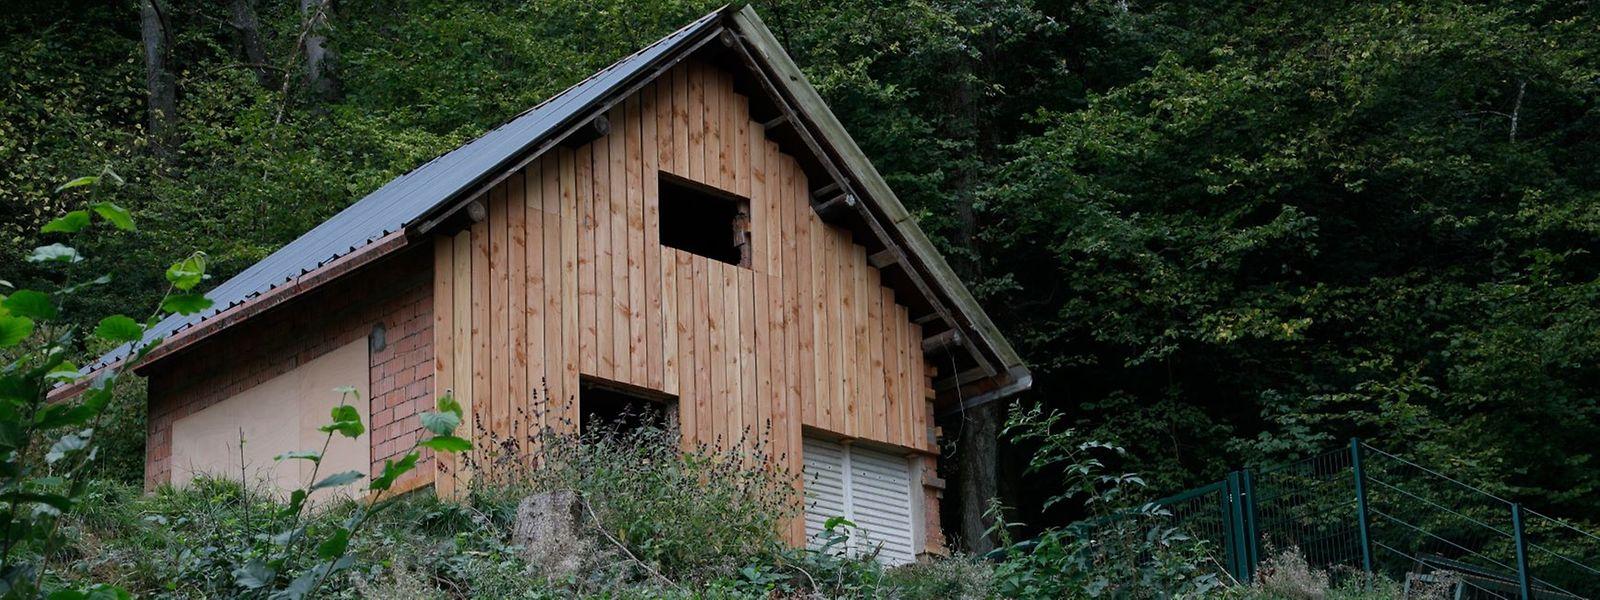 Das Gartenhaus von Roberto Traversini und die Umstände der Erteilung der Baugenehmigung beschäftigen weiter die Politik.